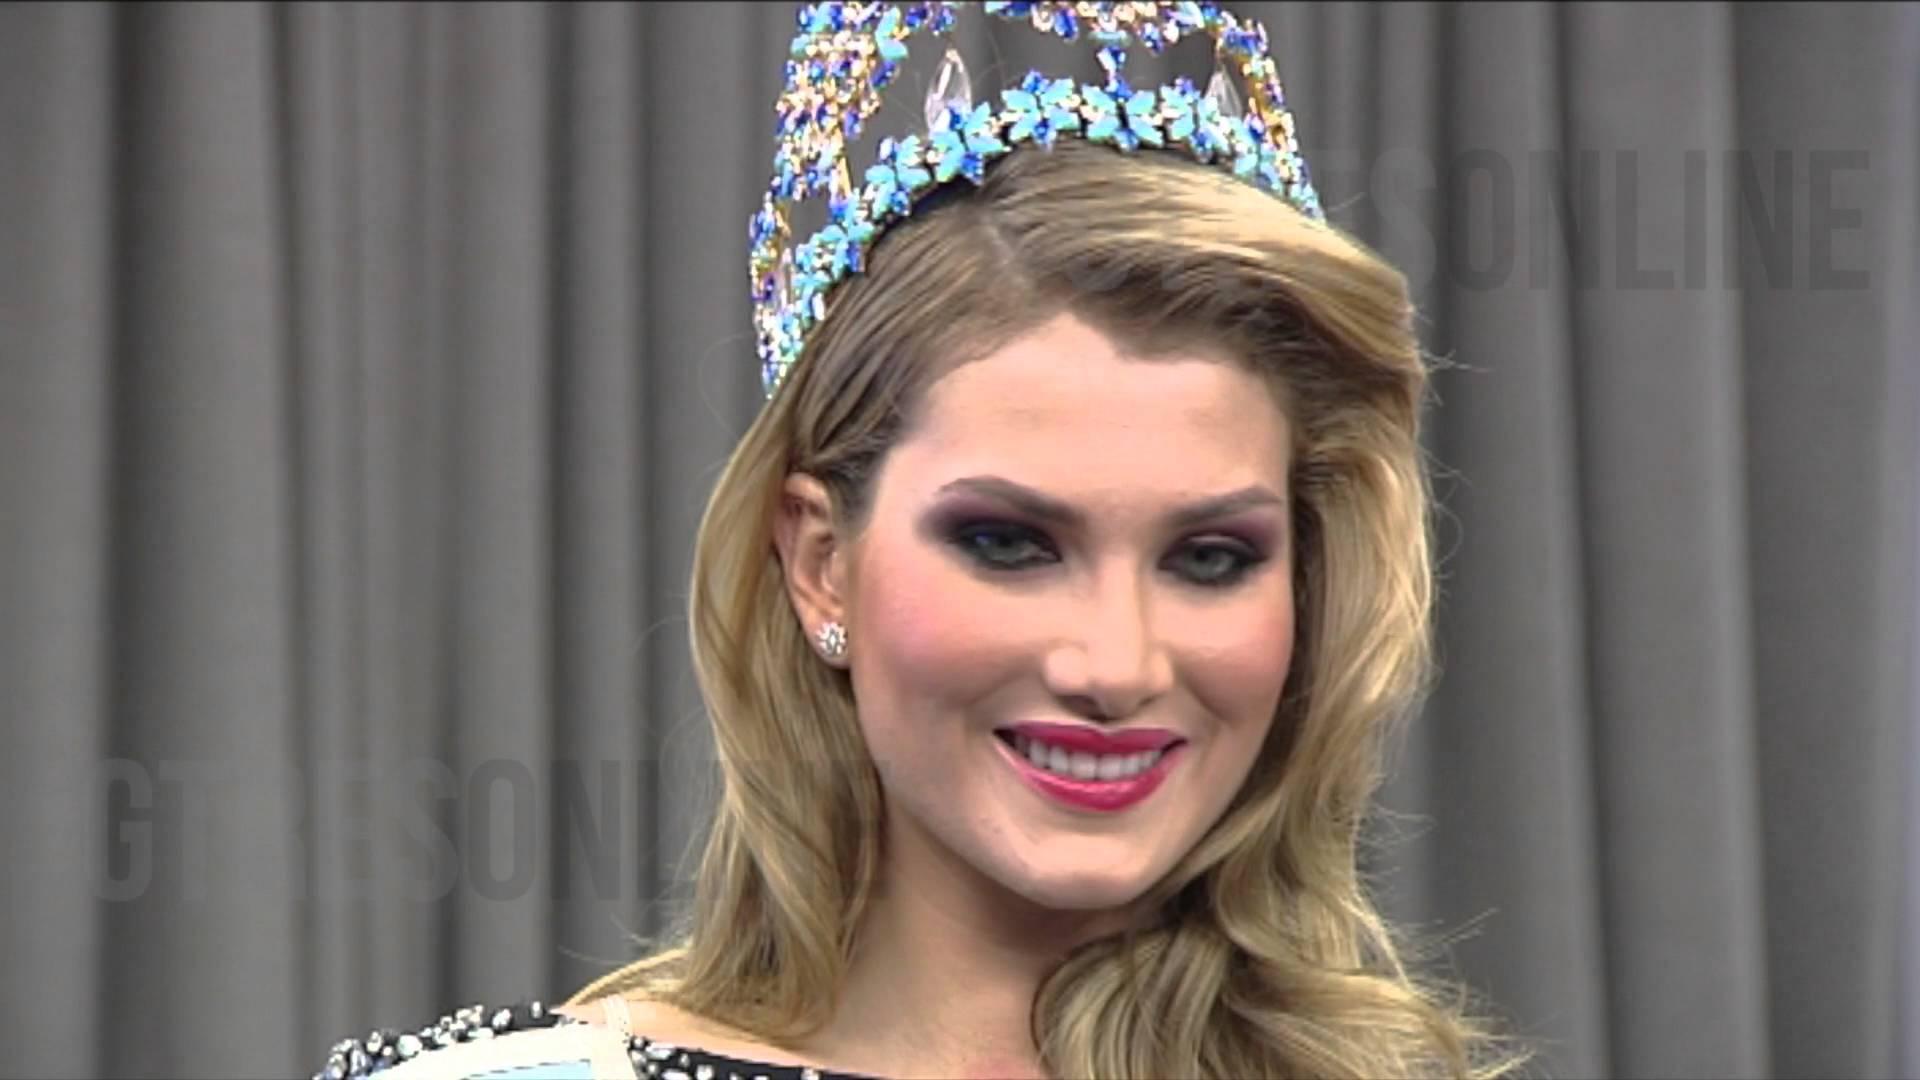 mireia lalaguna, miss world 2015. - Página 5 Maxres20